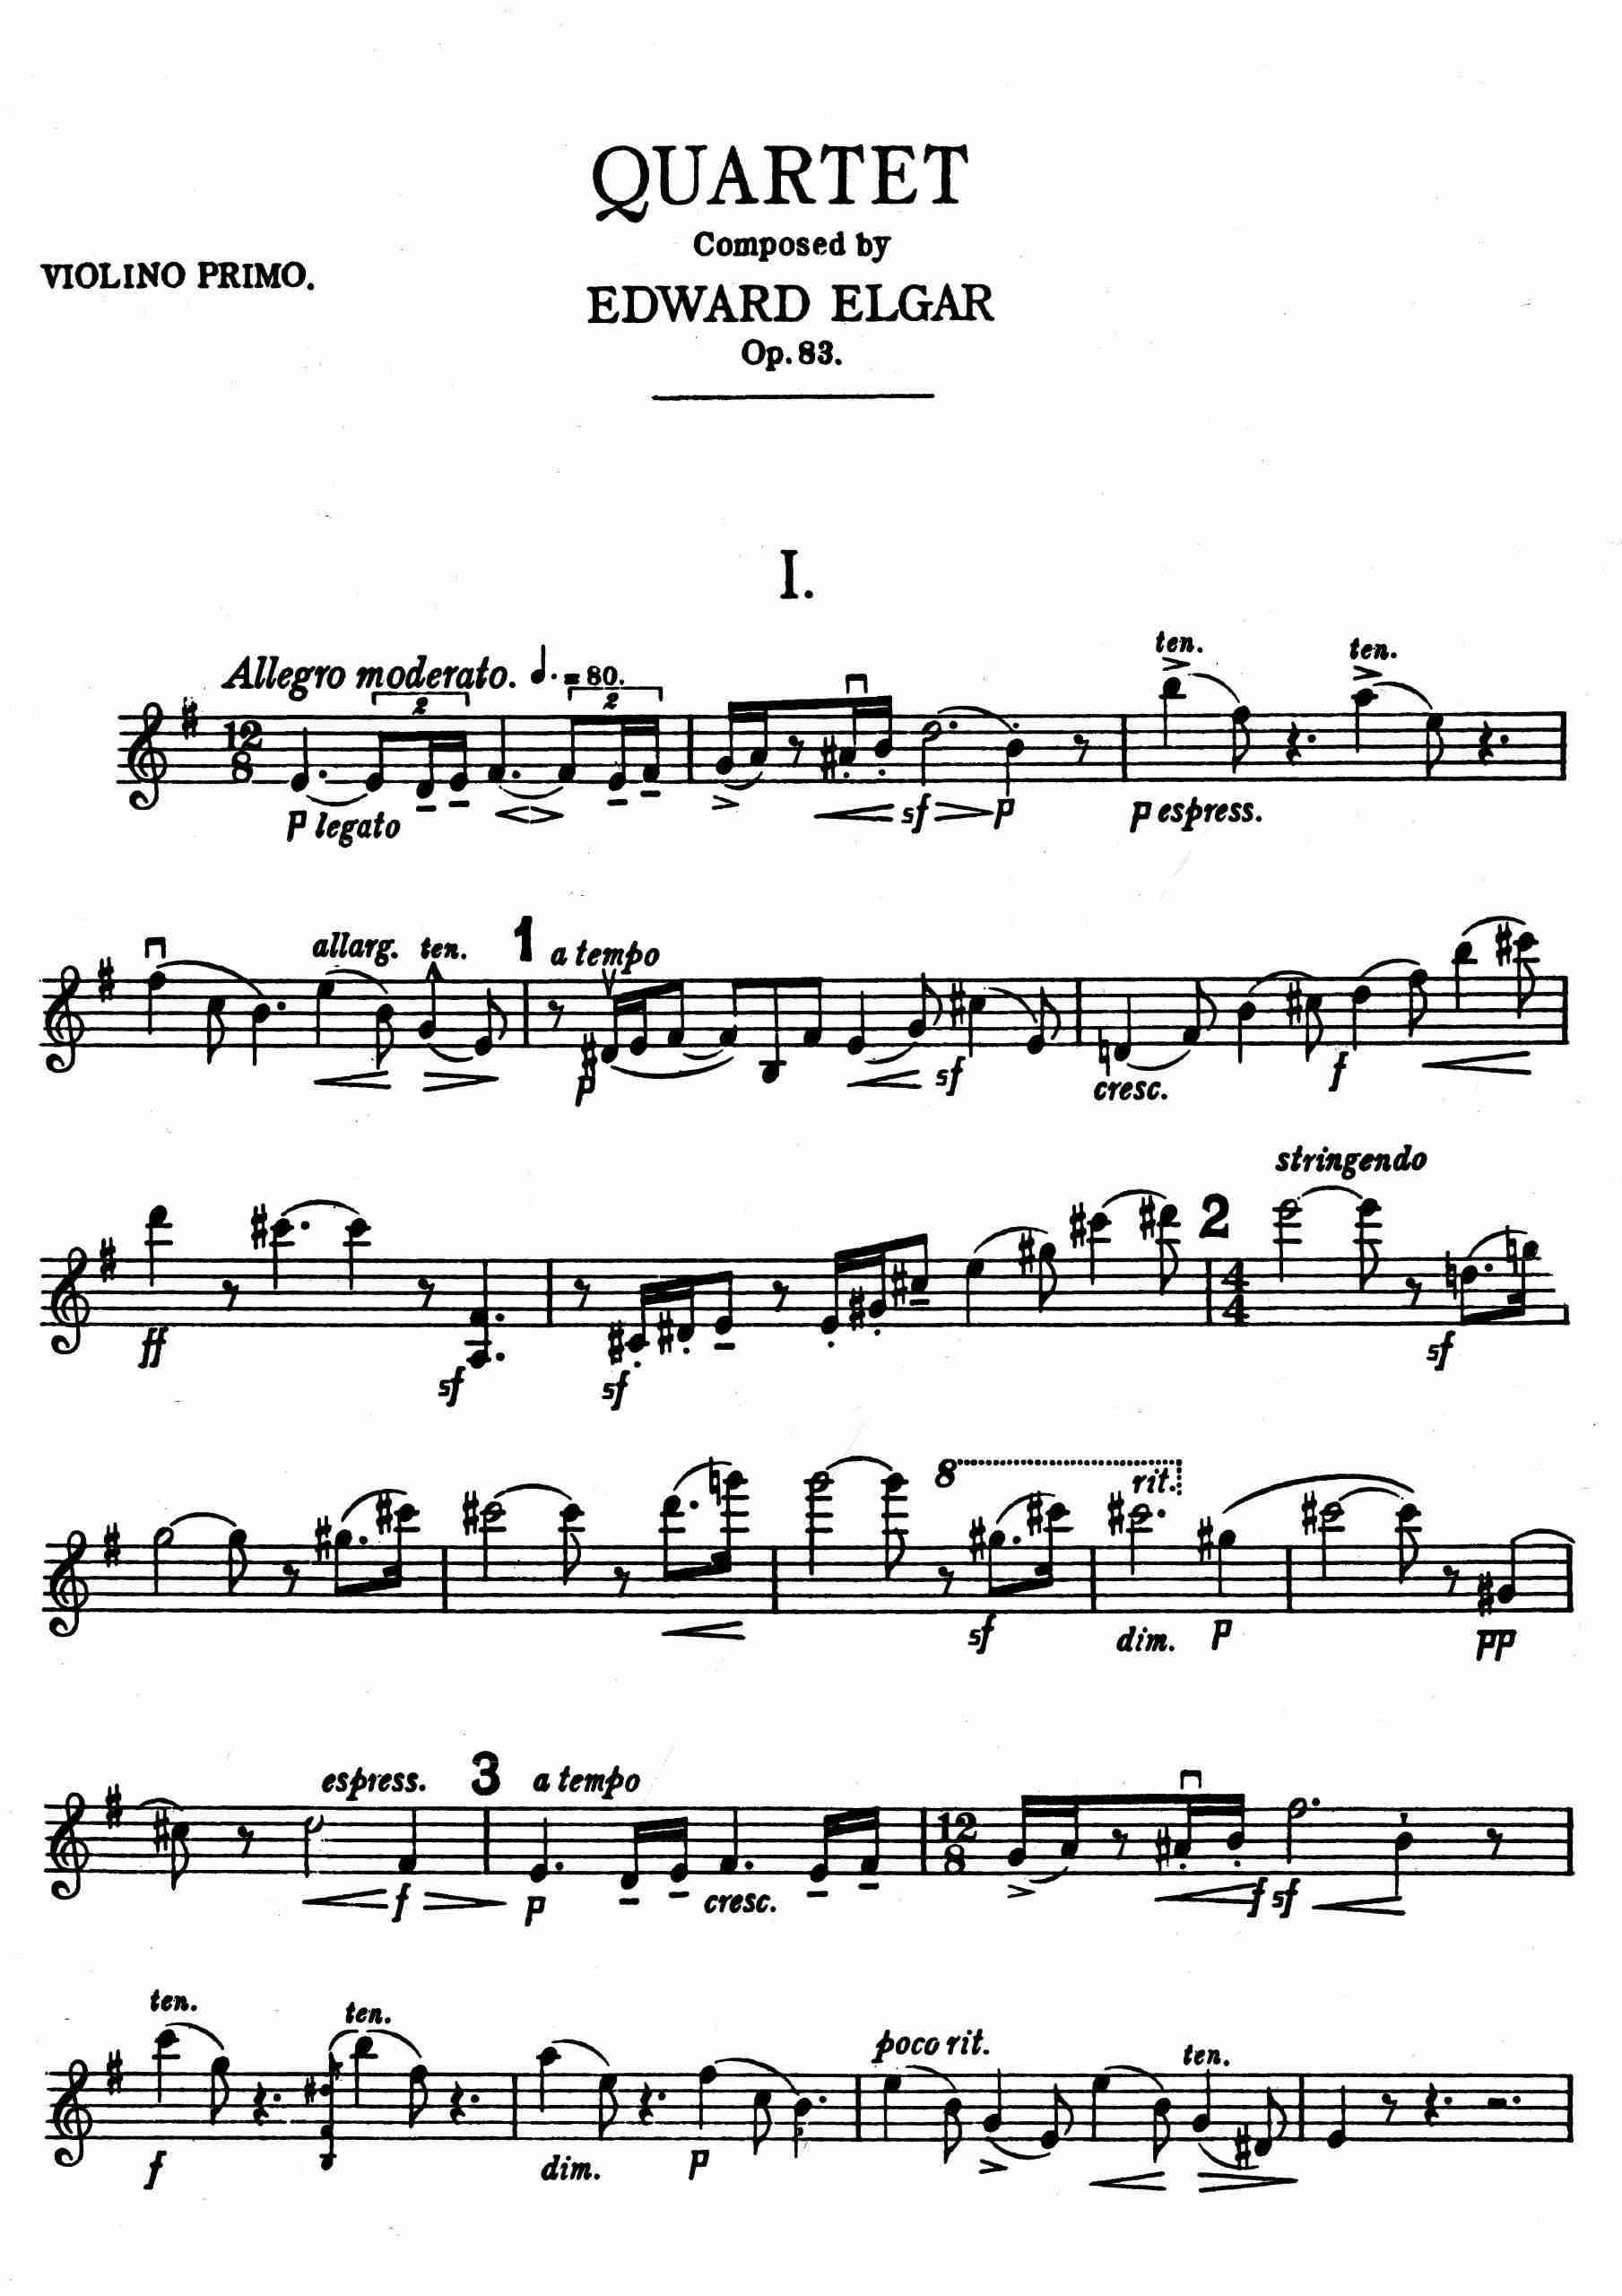 Elgar - String Quartet, Op.83 - Complete parts